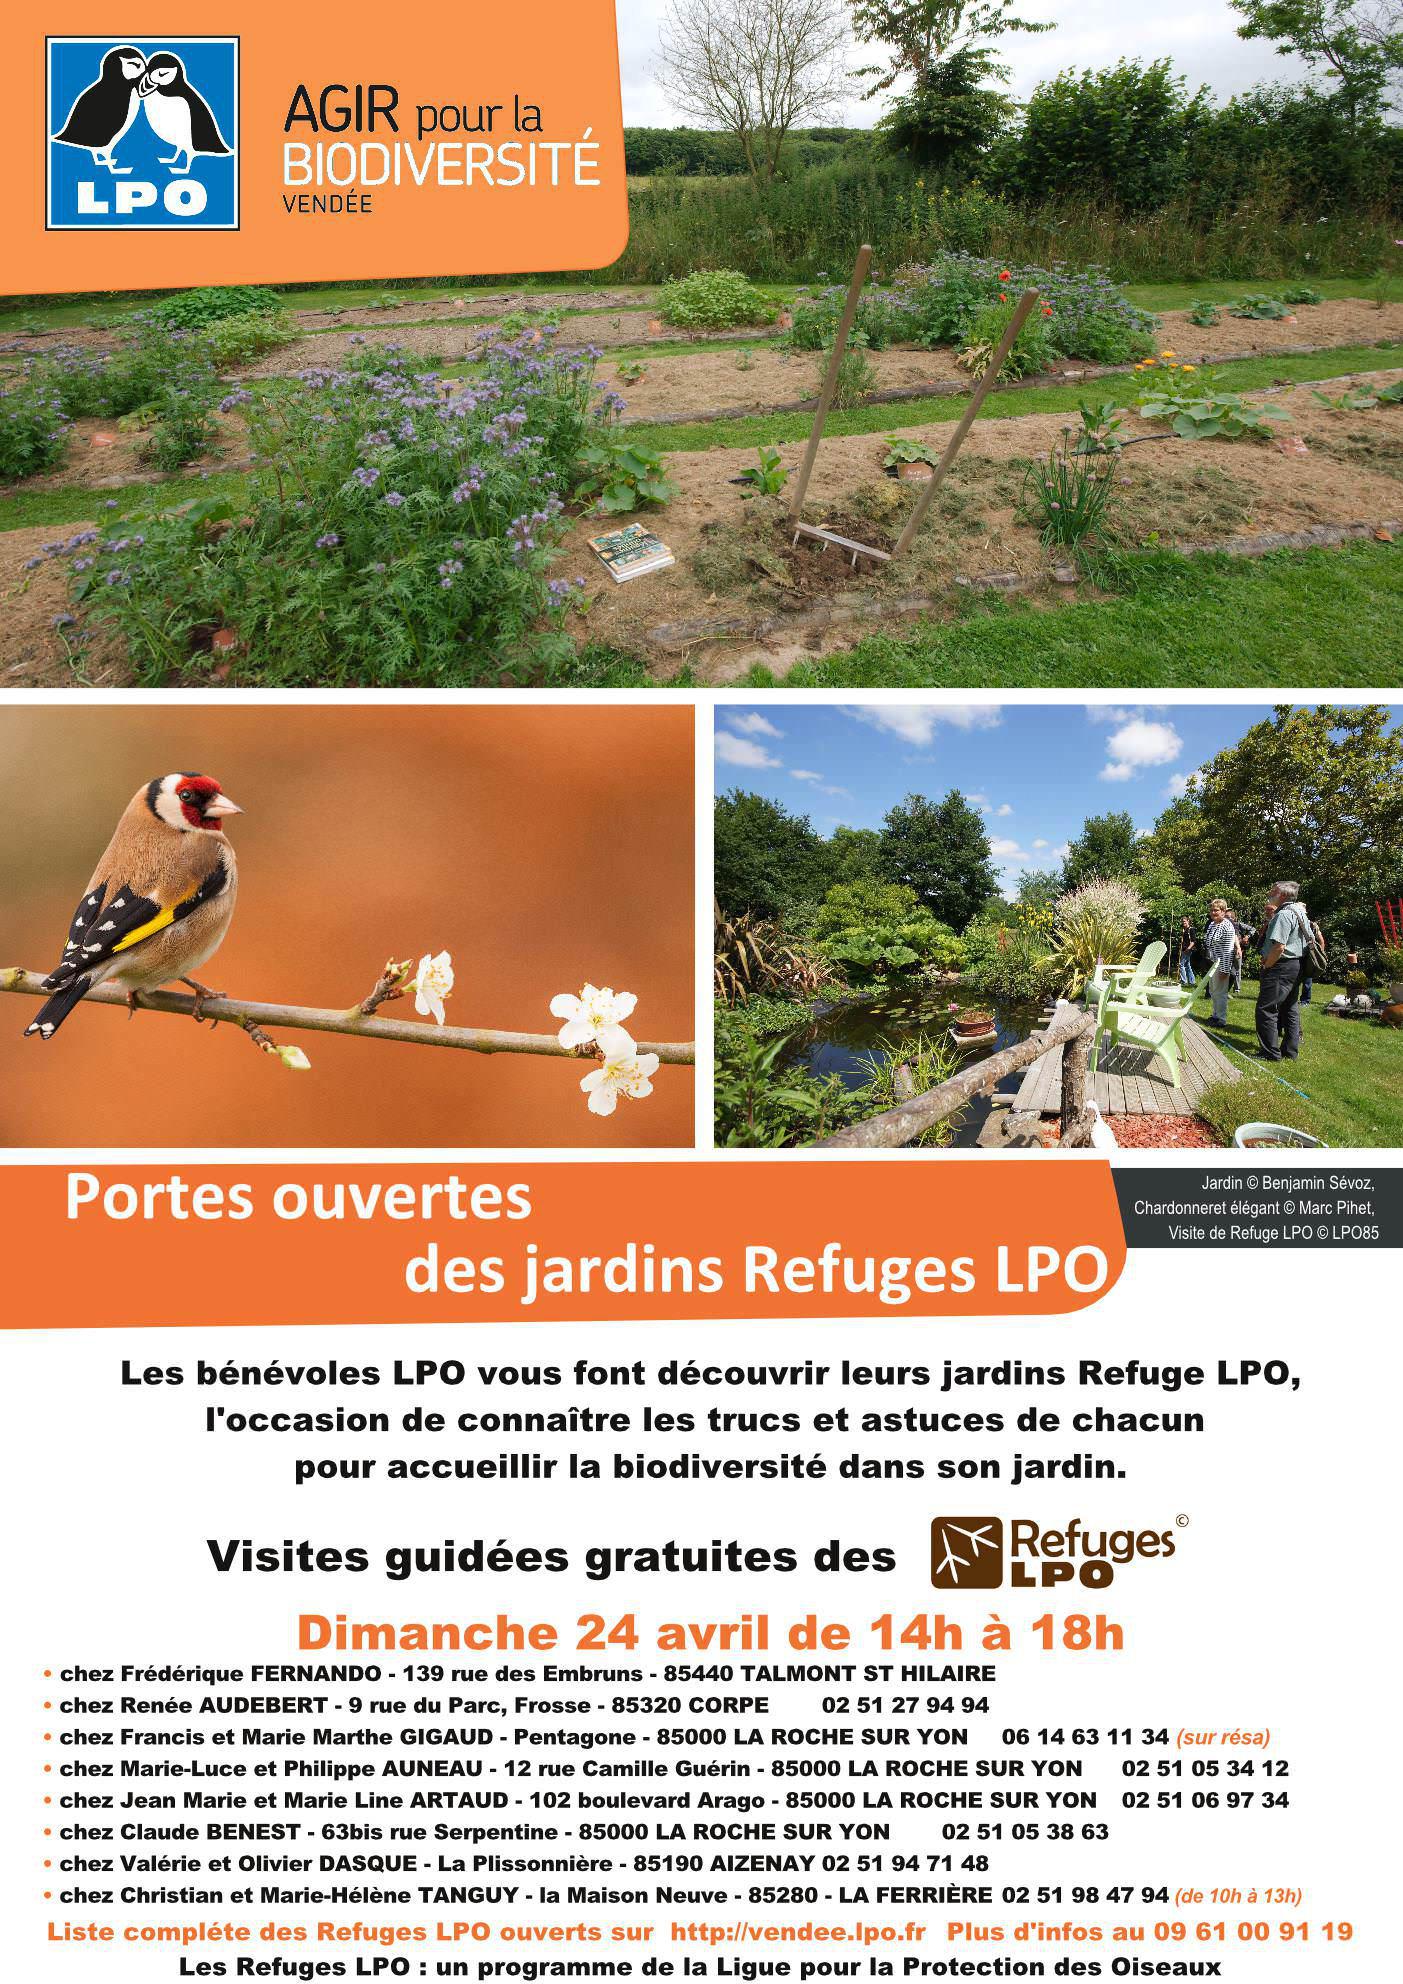 Portes ouvertes du jardin Refuge LPO de Francis